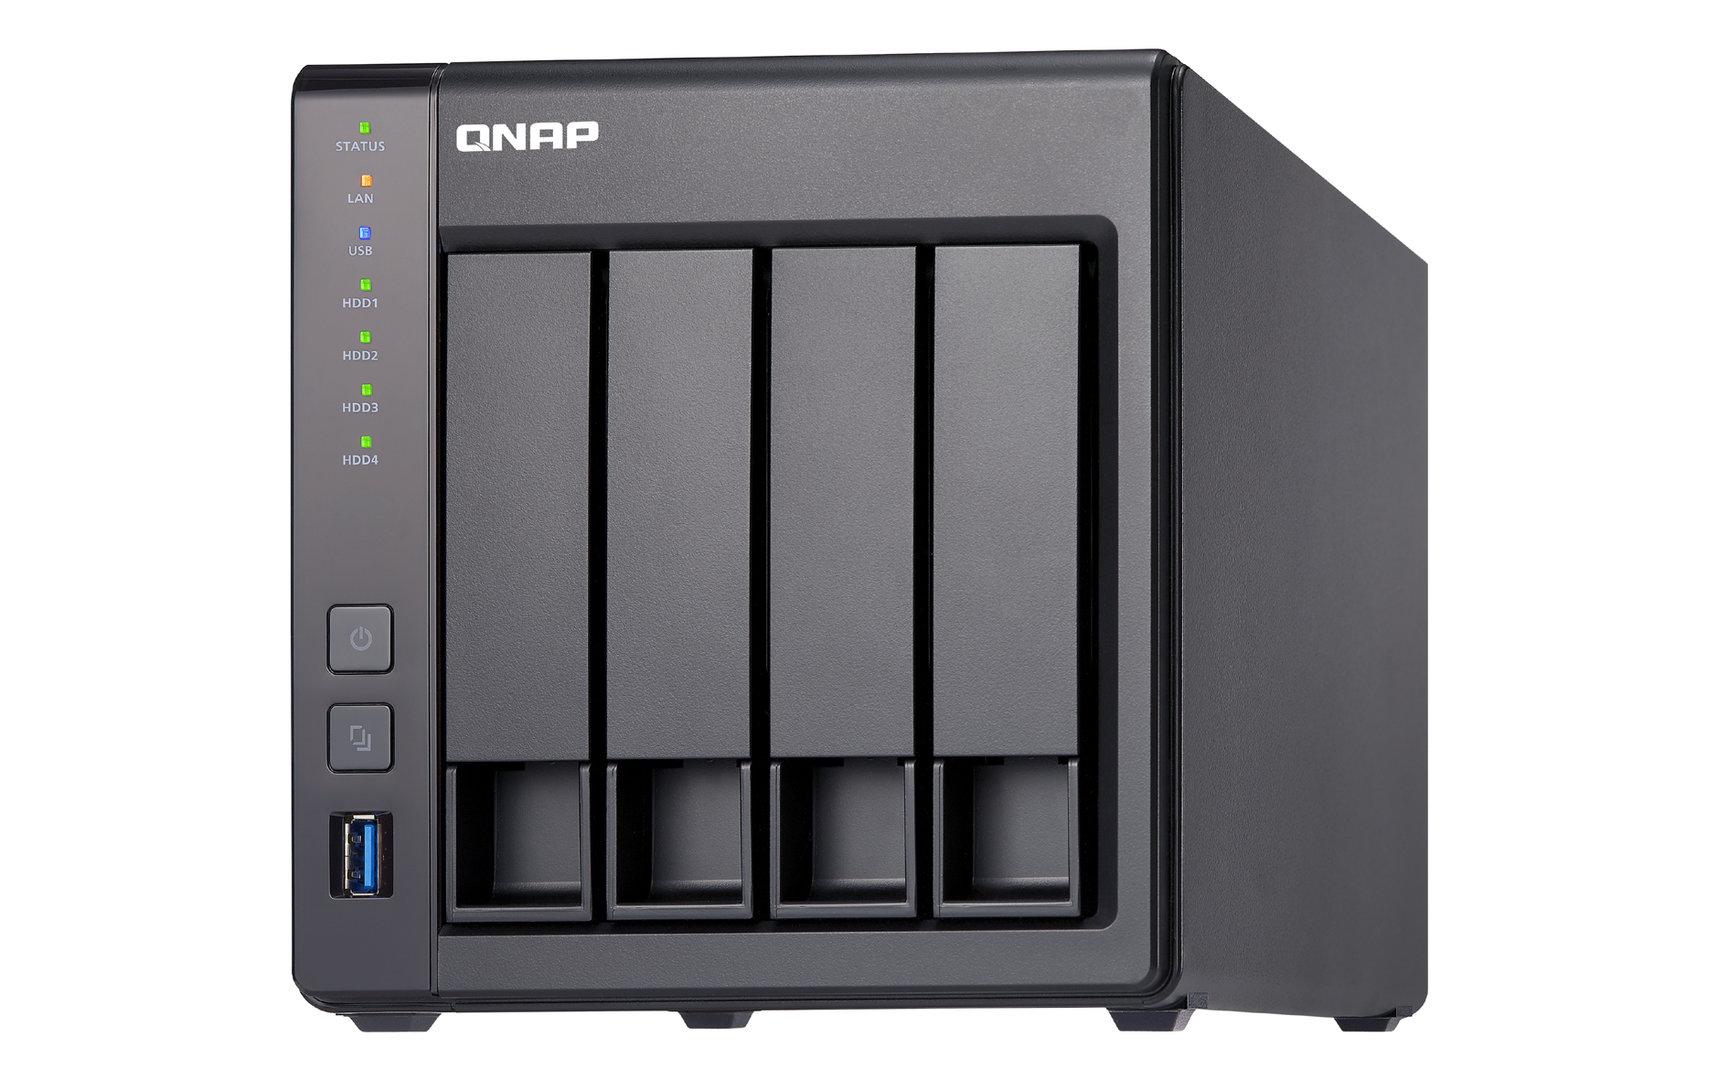 QNAP TS-431X2